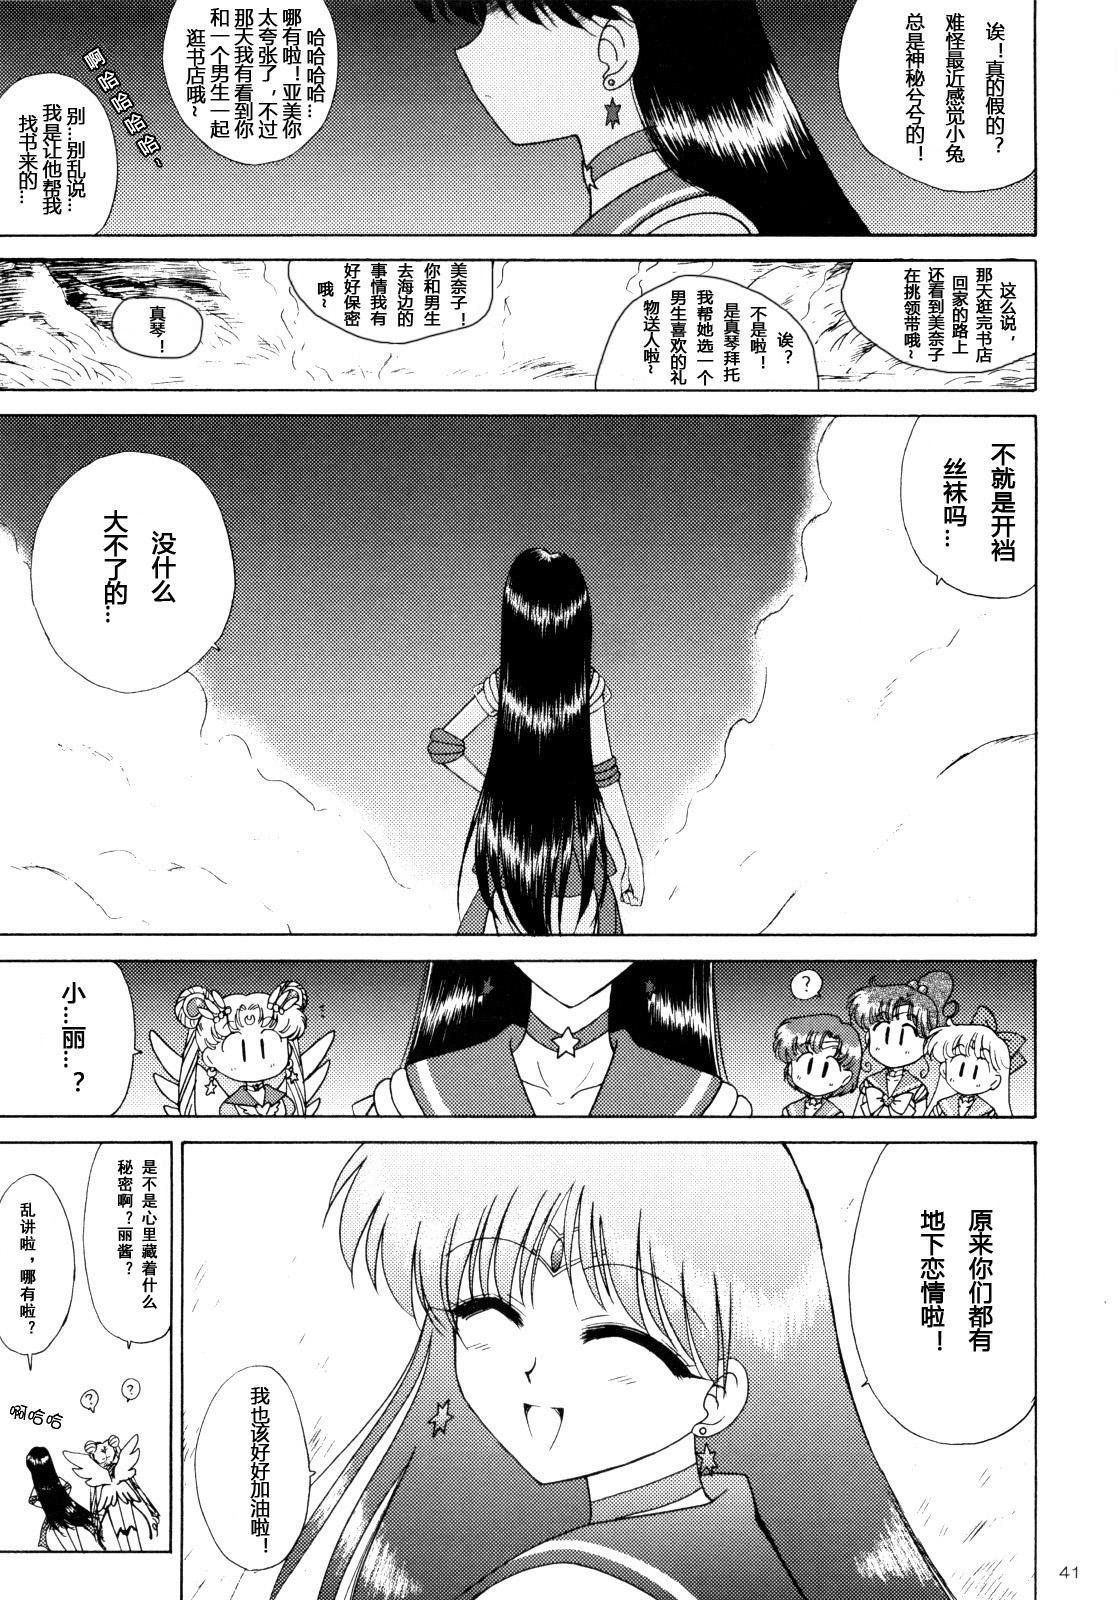 Pregnant Rei Hino 36